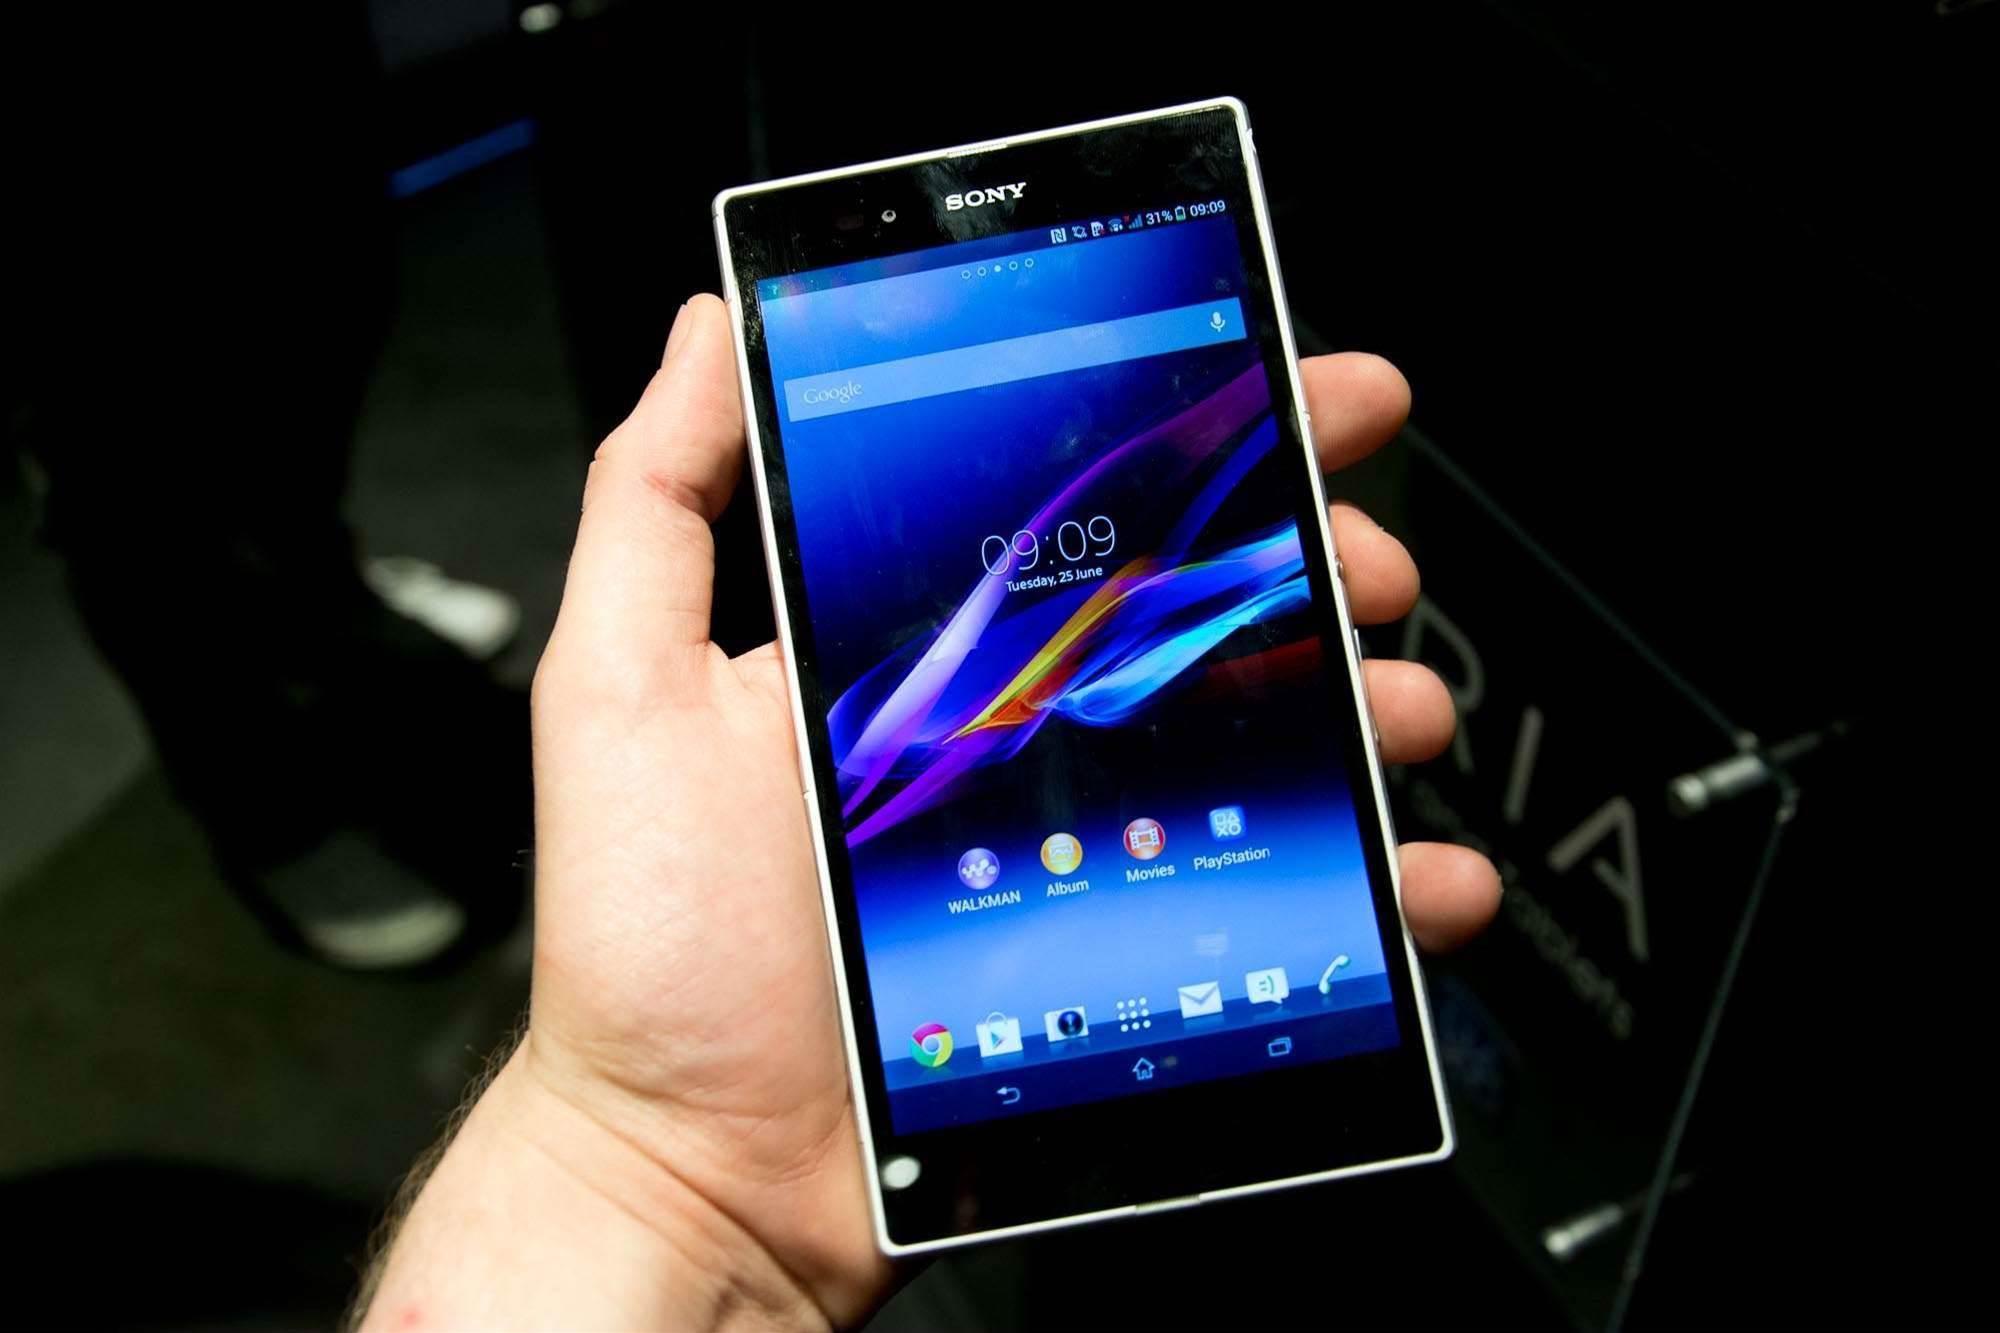 Sony Xperia Z Ultra: a 6.4in waterproof smartphone